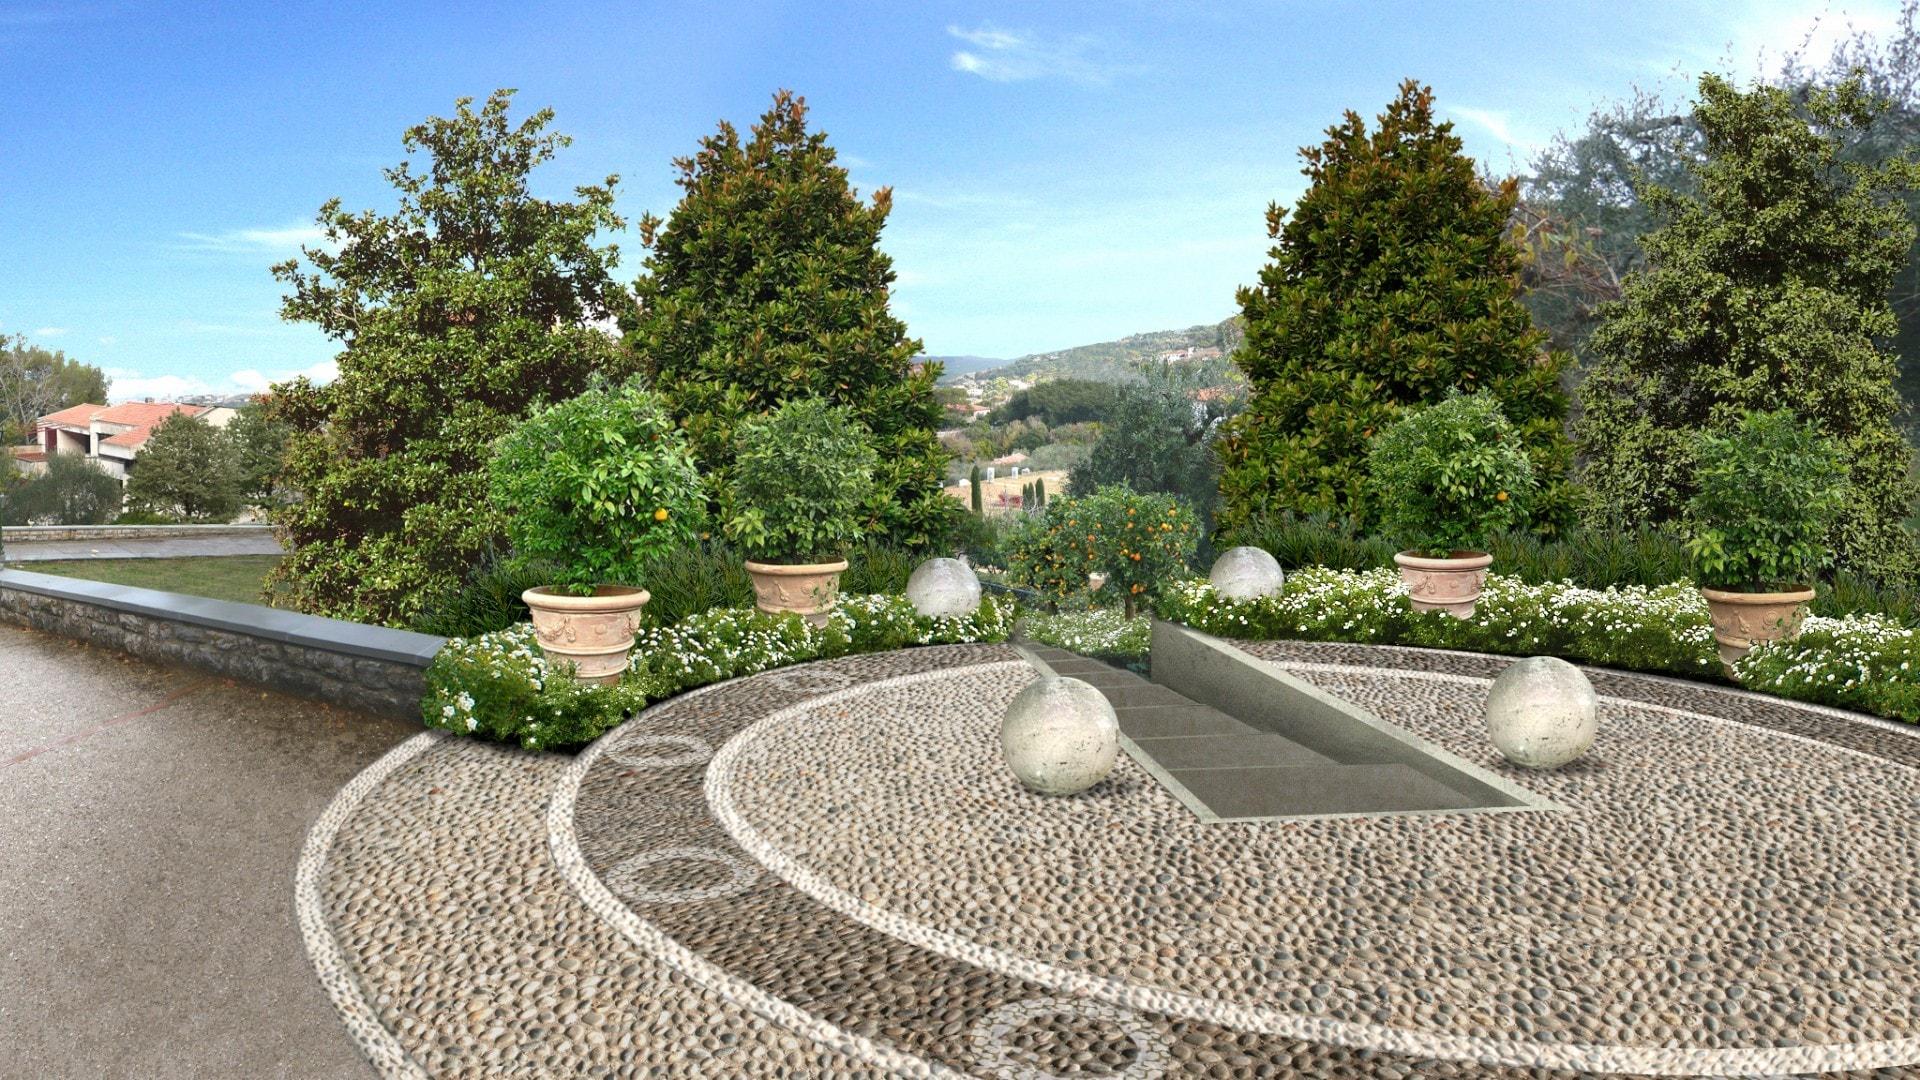 giardini idee originali area verde : Progettazione Giardini Privati Firenze Toscana Realizzazione Pictures ...